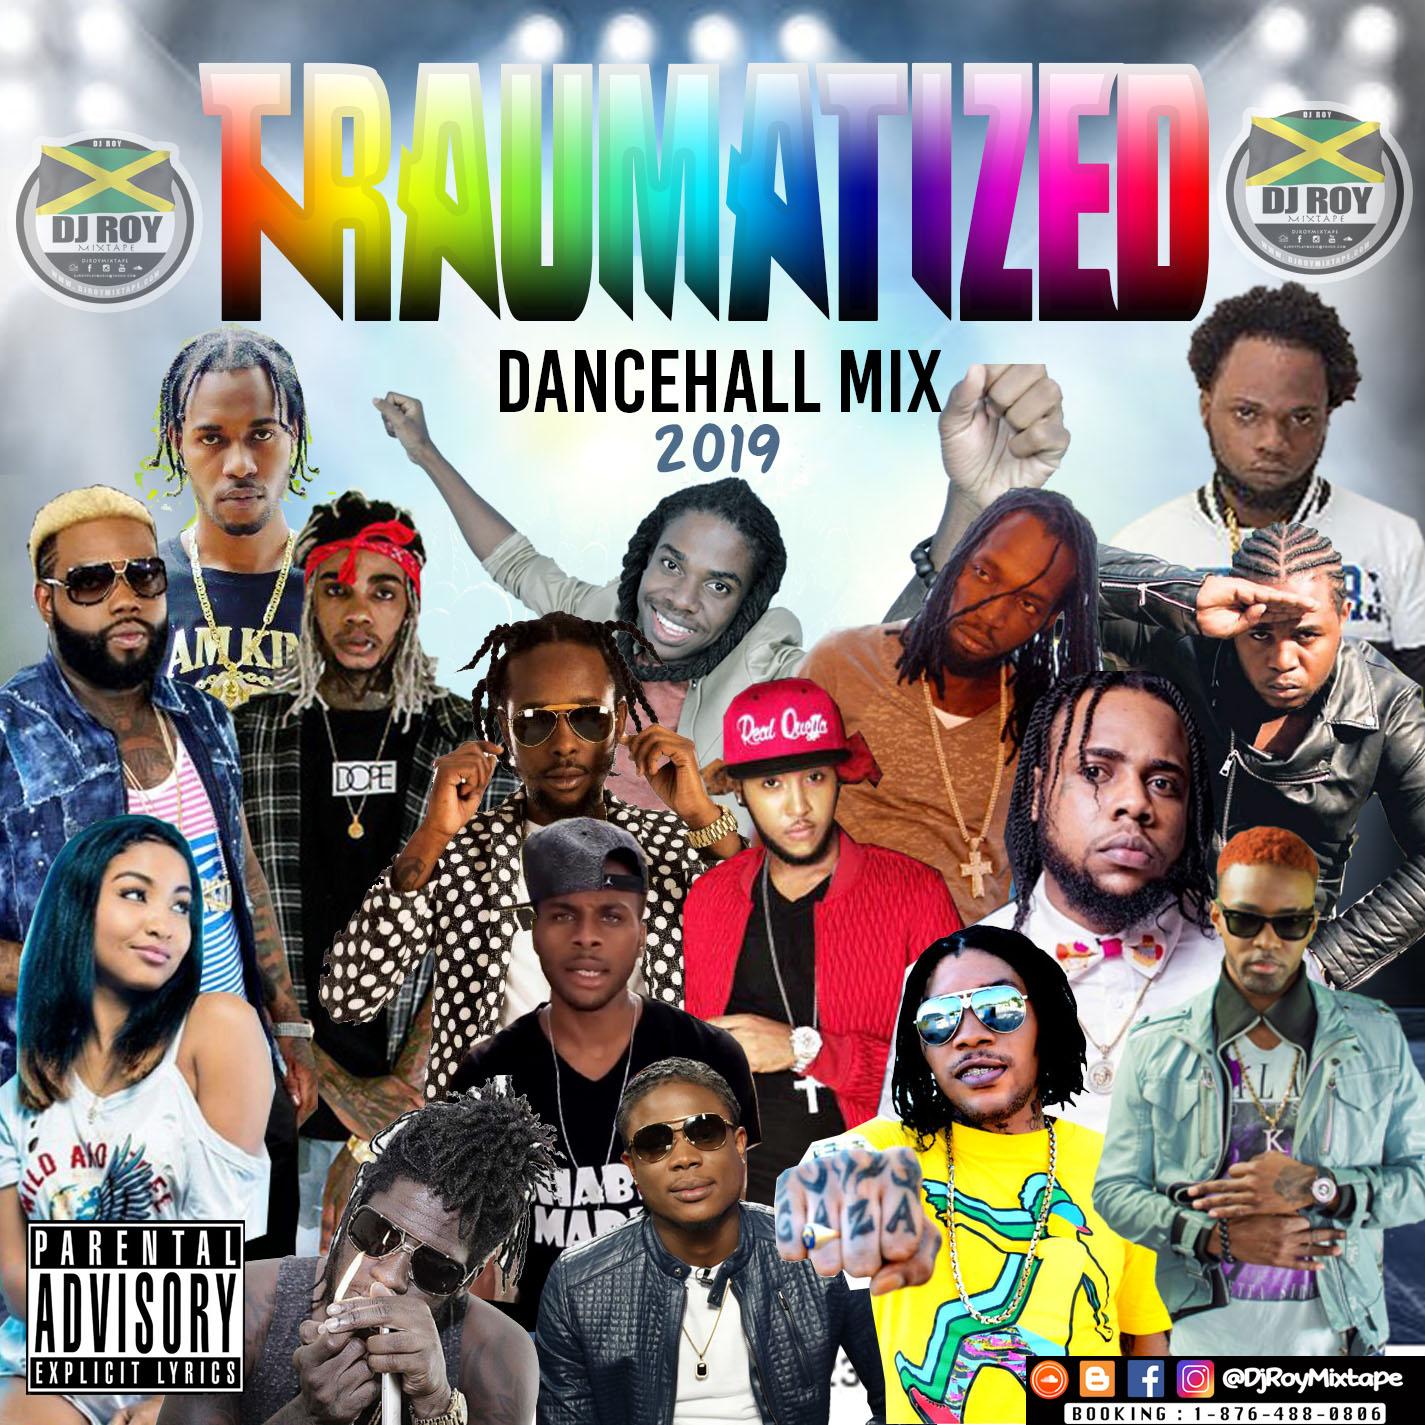 Dj Bling Roots Reggae Mix Free Download DOWNLOAD MIXTAPE DJ Ayi